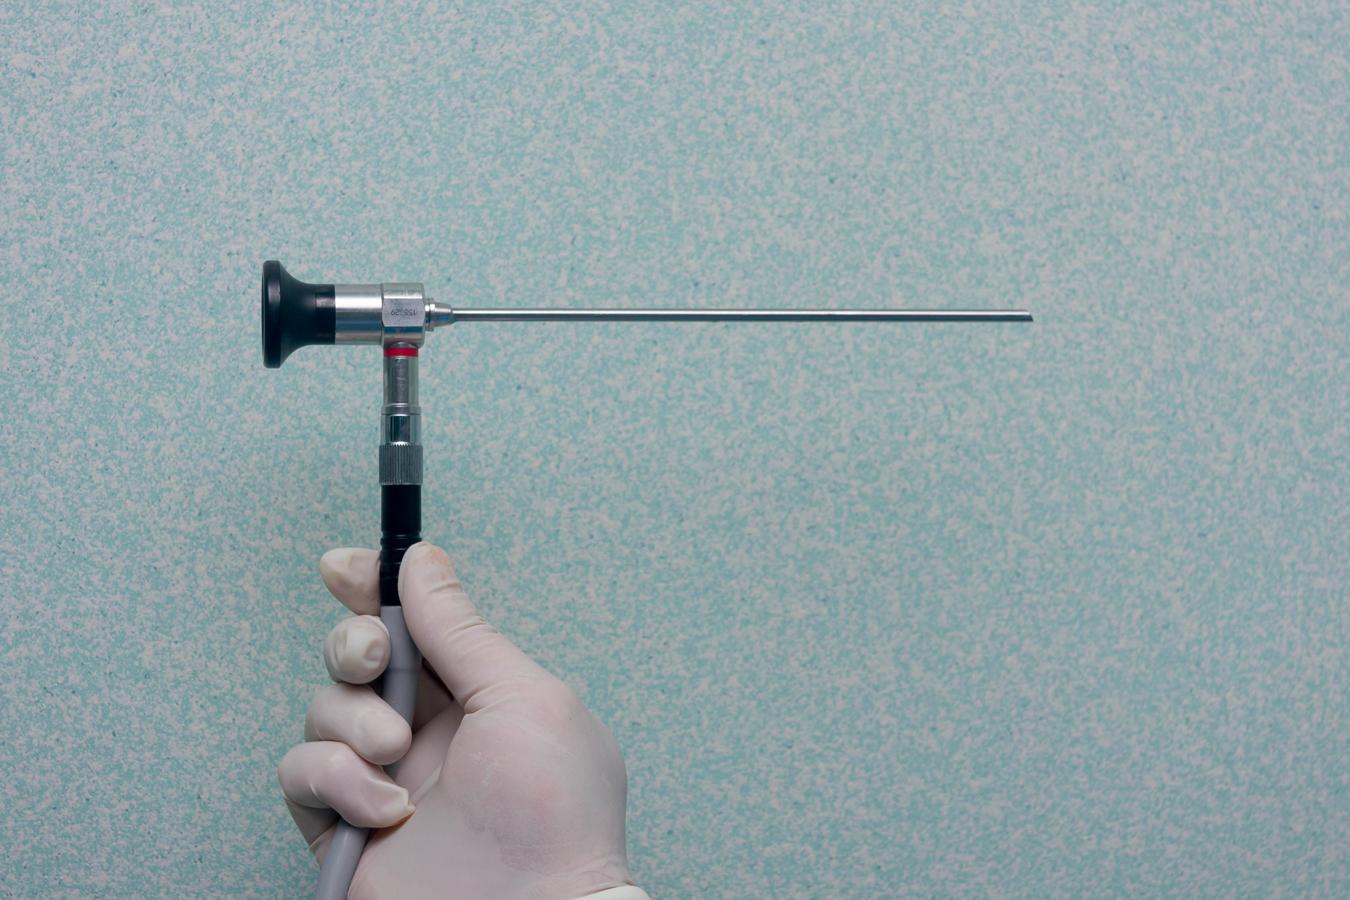 Chirurgie endoscopique de la hernie discale